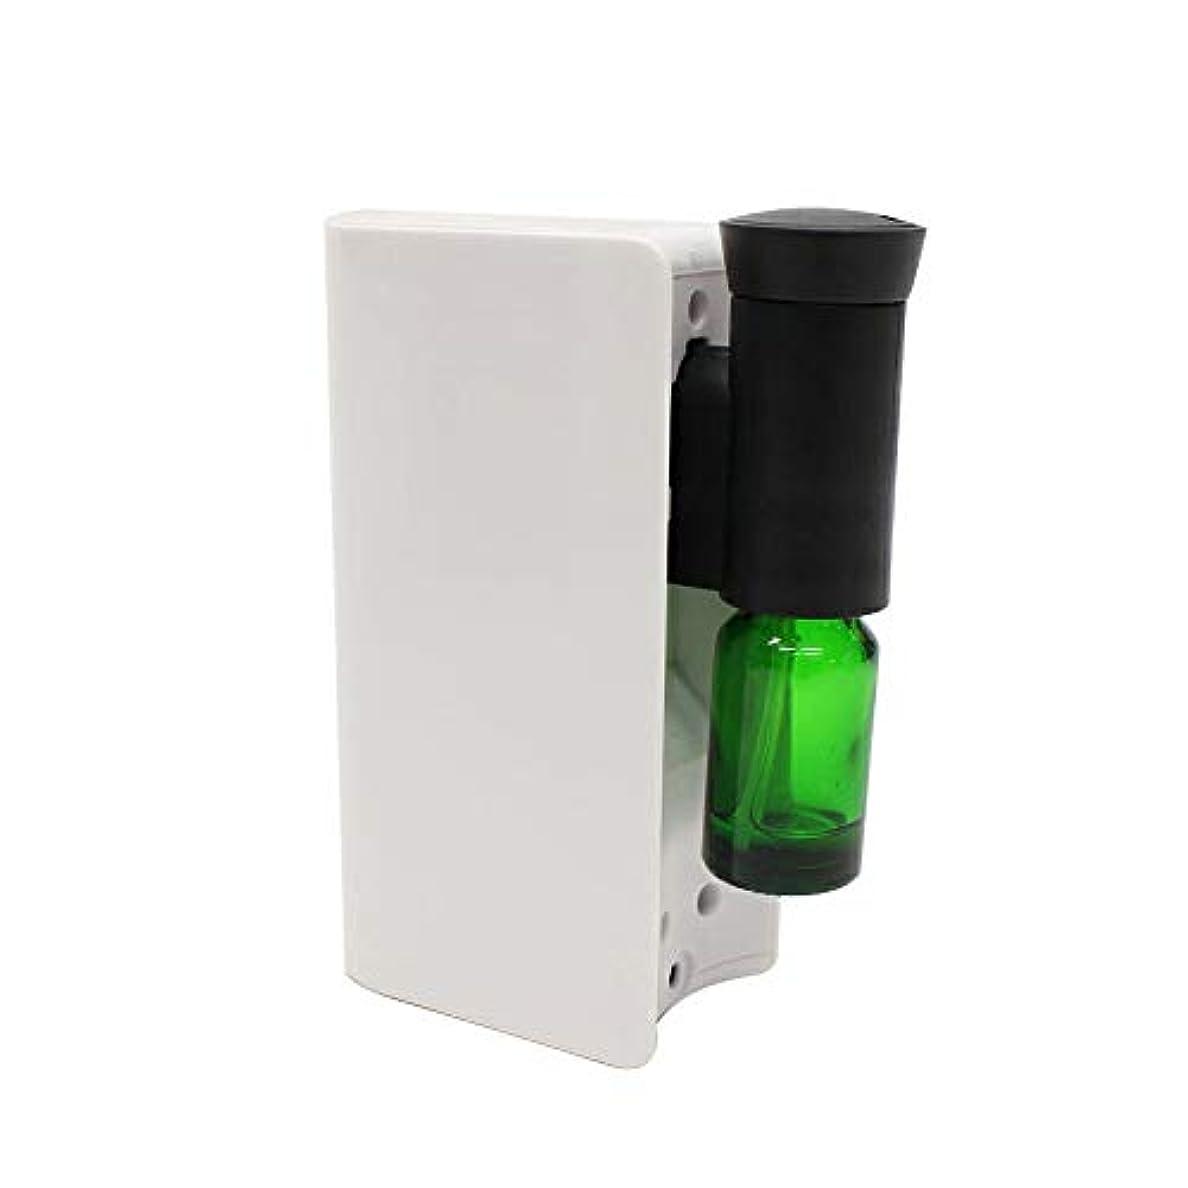 肉のがっかりするリアルアロマ ディフューザー 電池式アロマディフューザー 水を使わない ネブライザー式 アロマオイル対応 自動停止 ECOモード搭載 香り 癒し シンプル コンパクト ホワイト